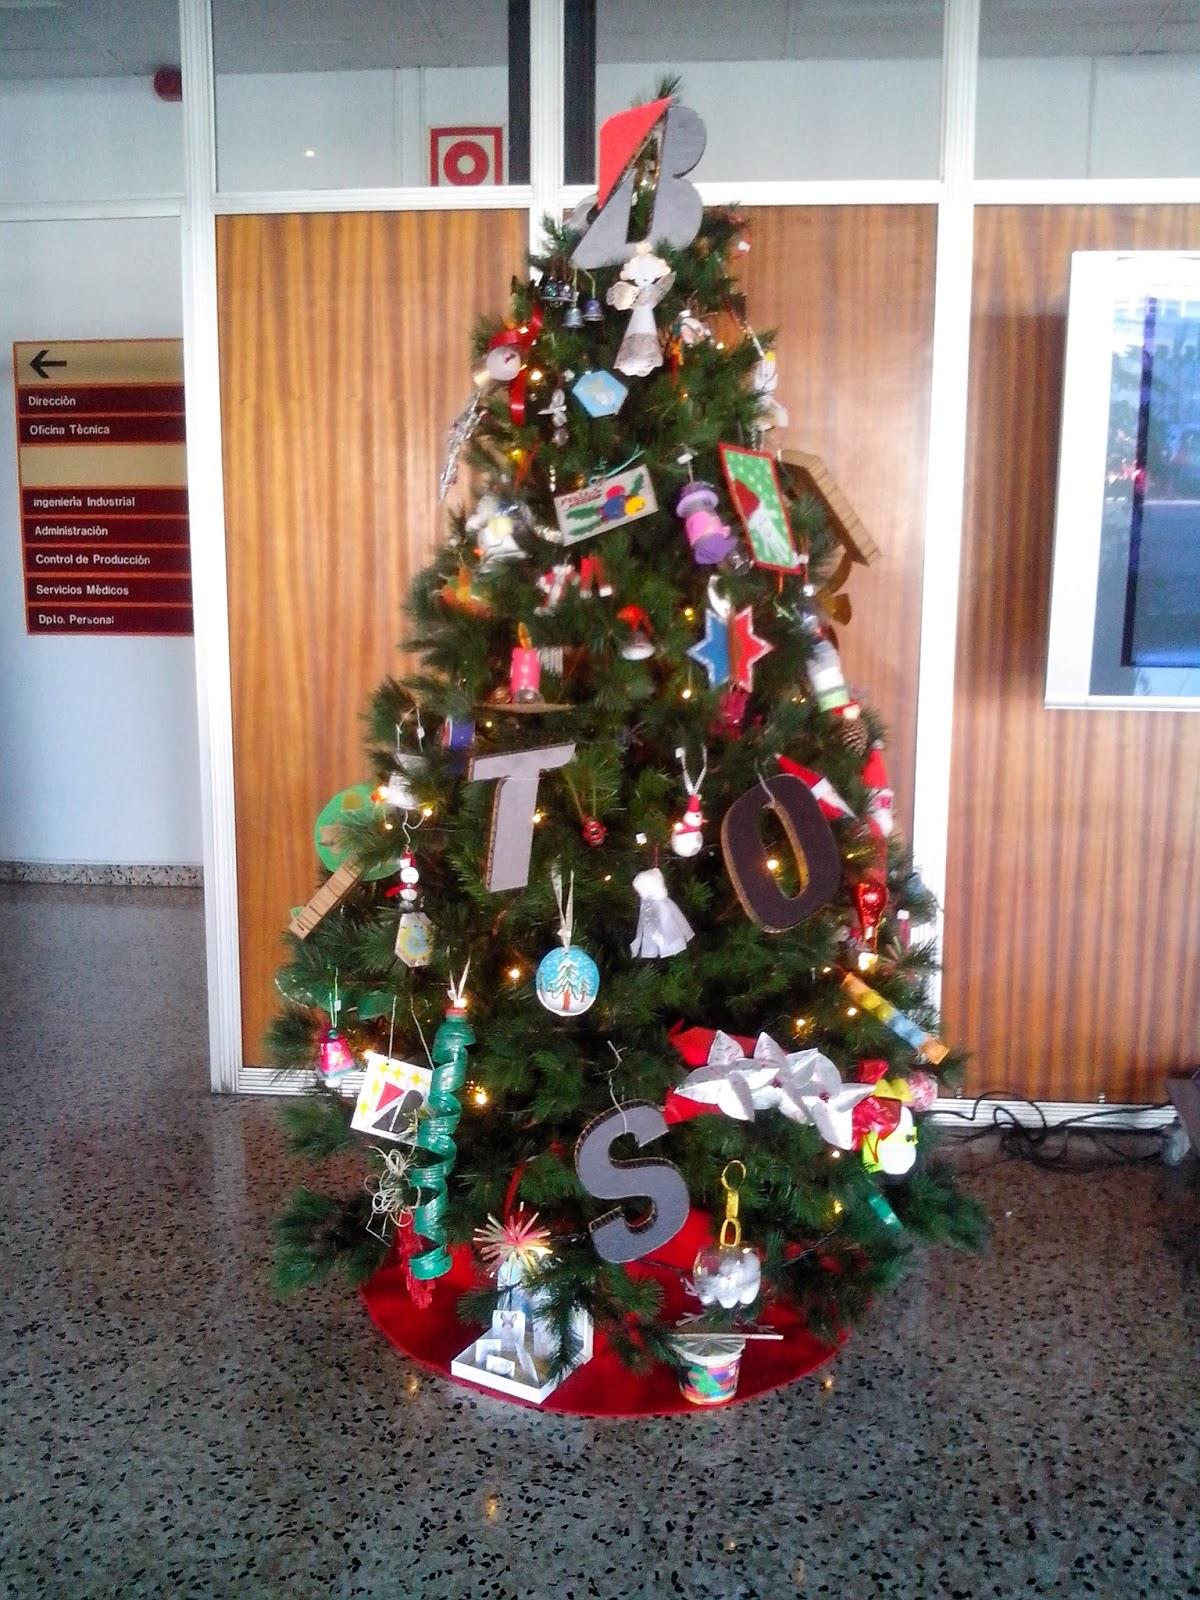 Disfrutando adornos de navidad reciclados fiesta de for Adornos arbol navidad online